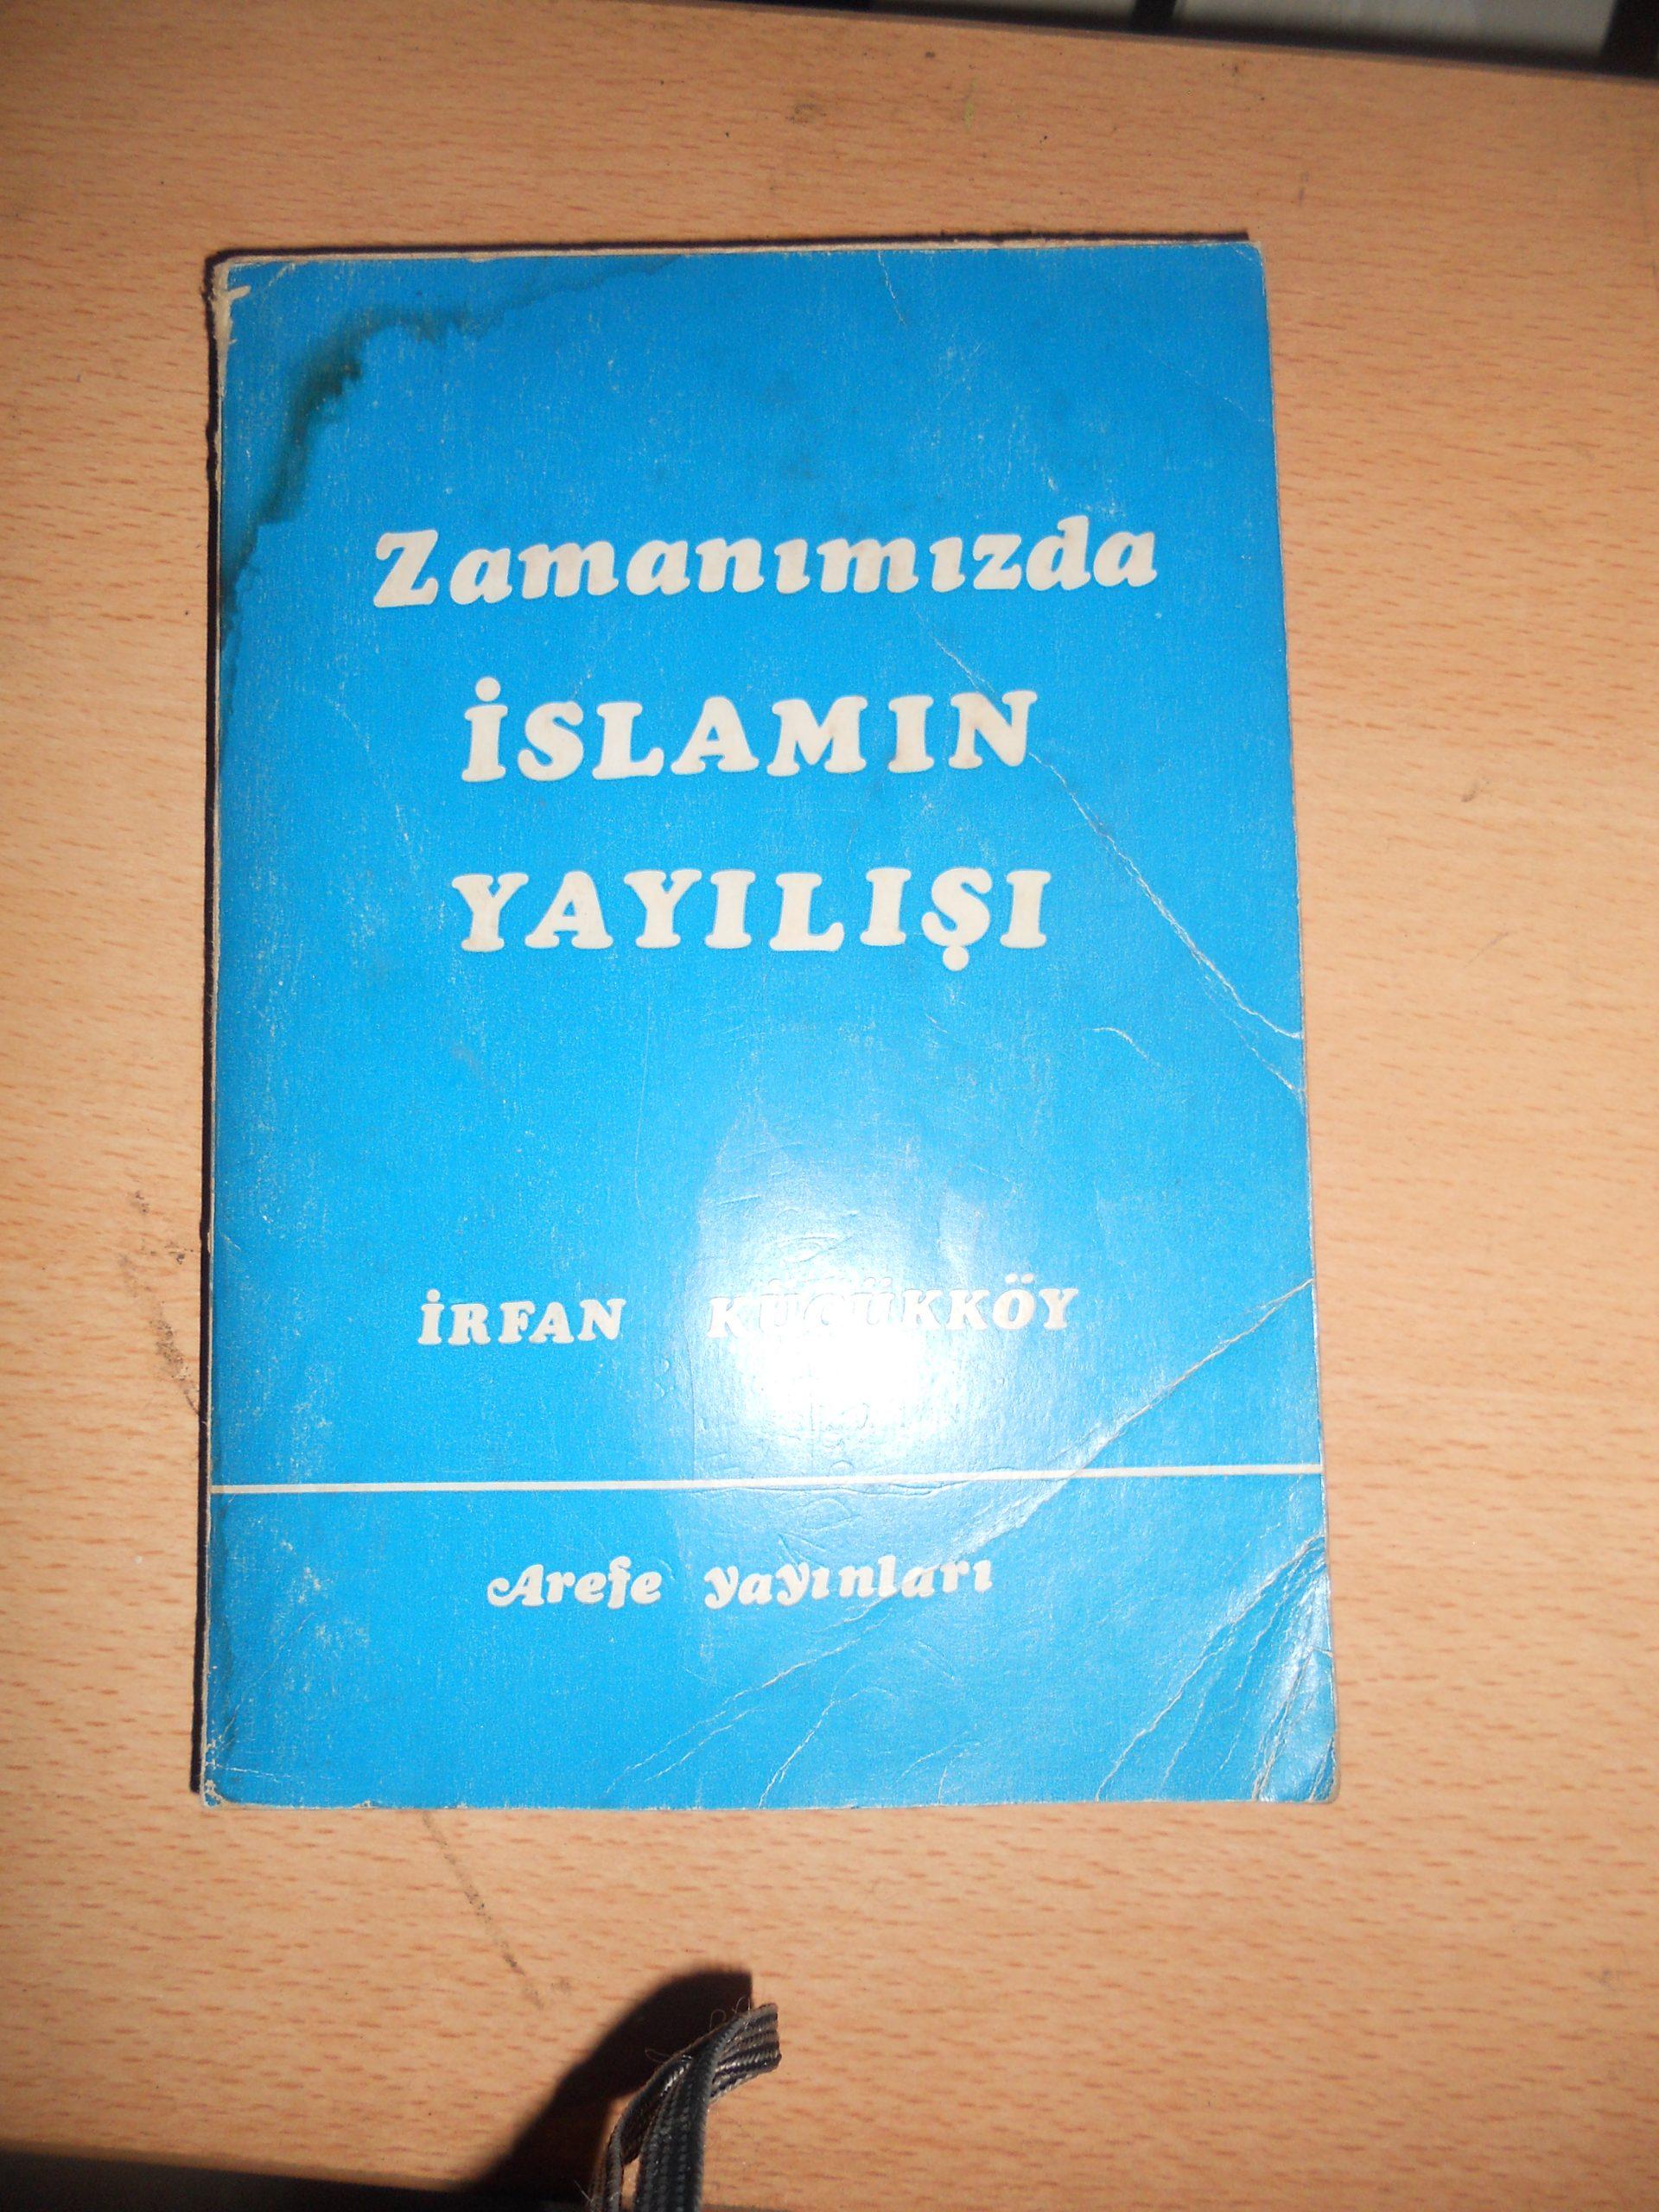 ZAMANIMIZDA İSLAMIN YAYILIŞI/İrfan KÜÇÜKKÖY/ 10 TL